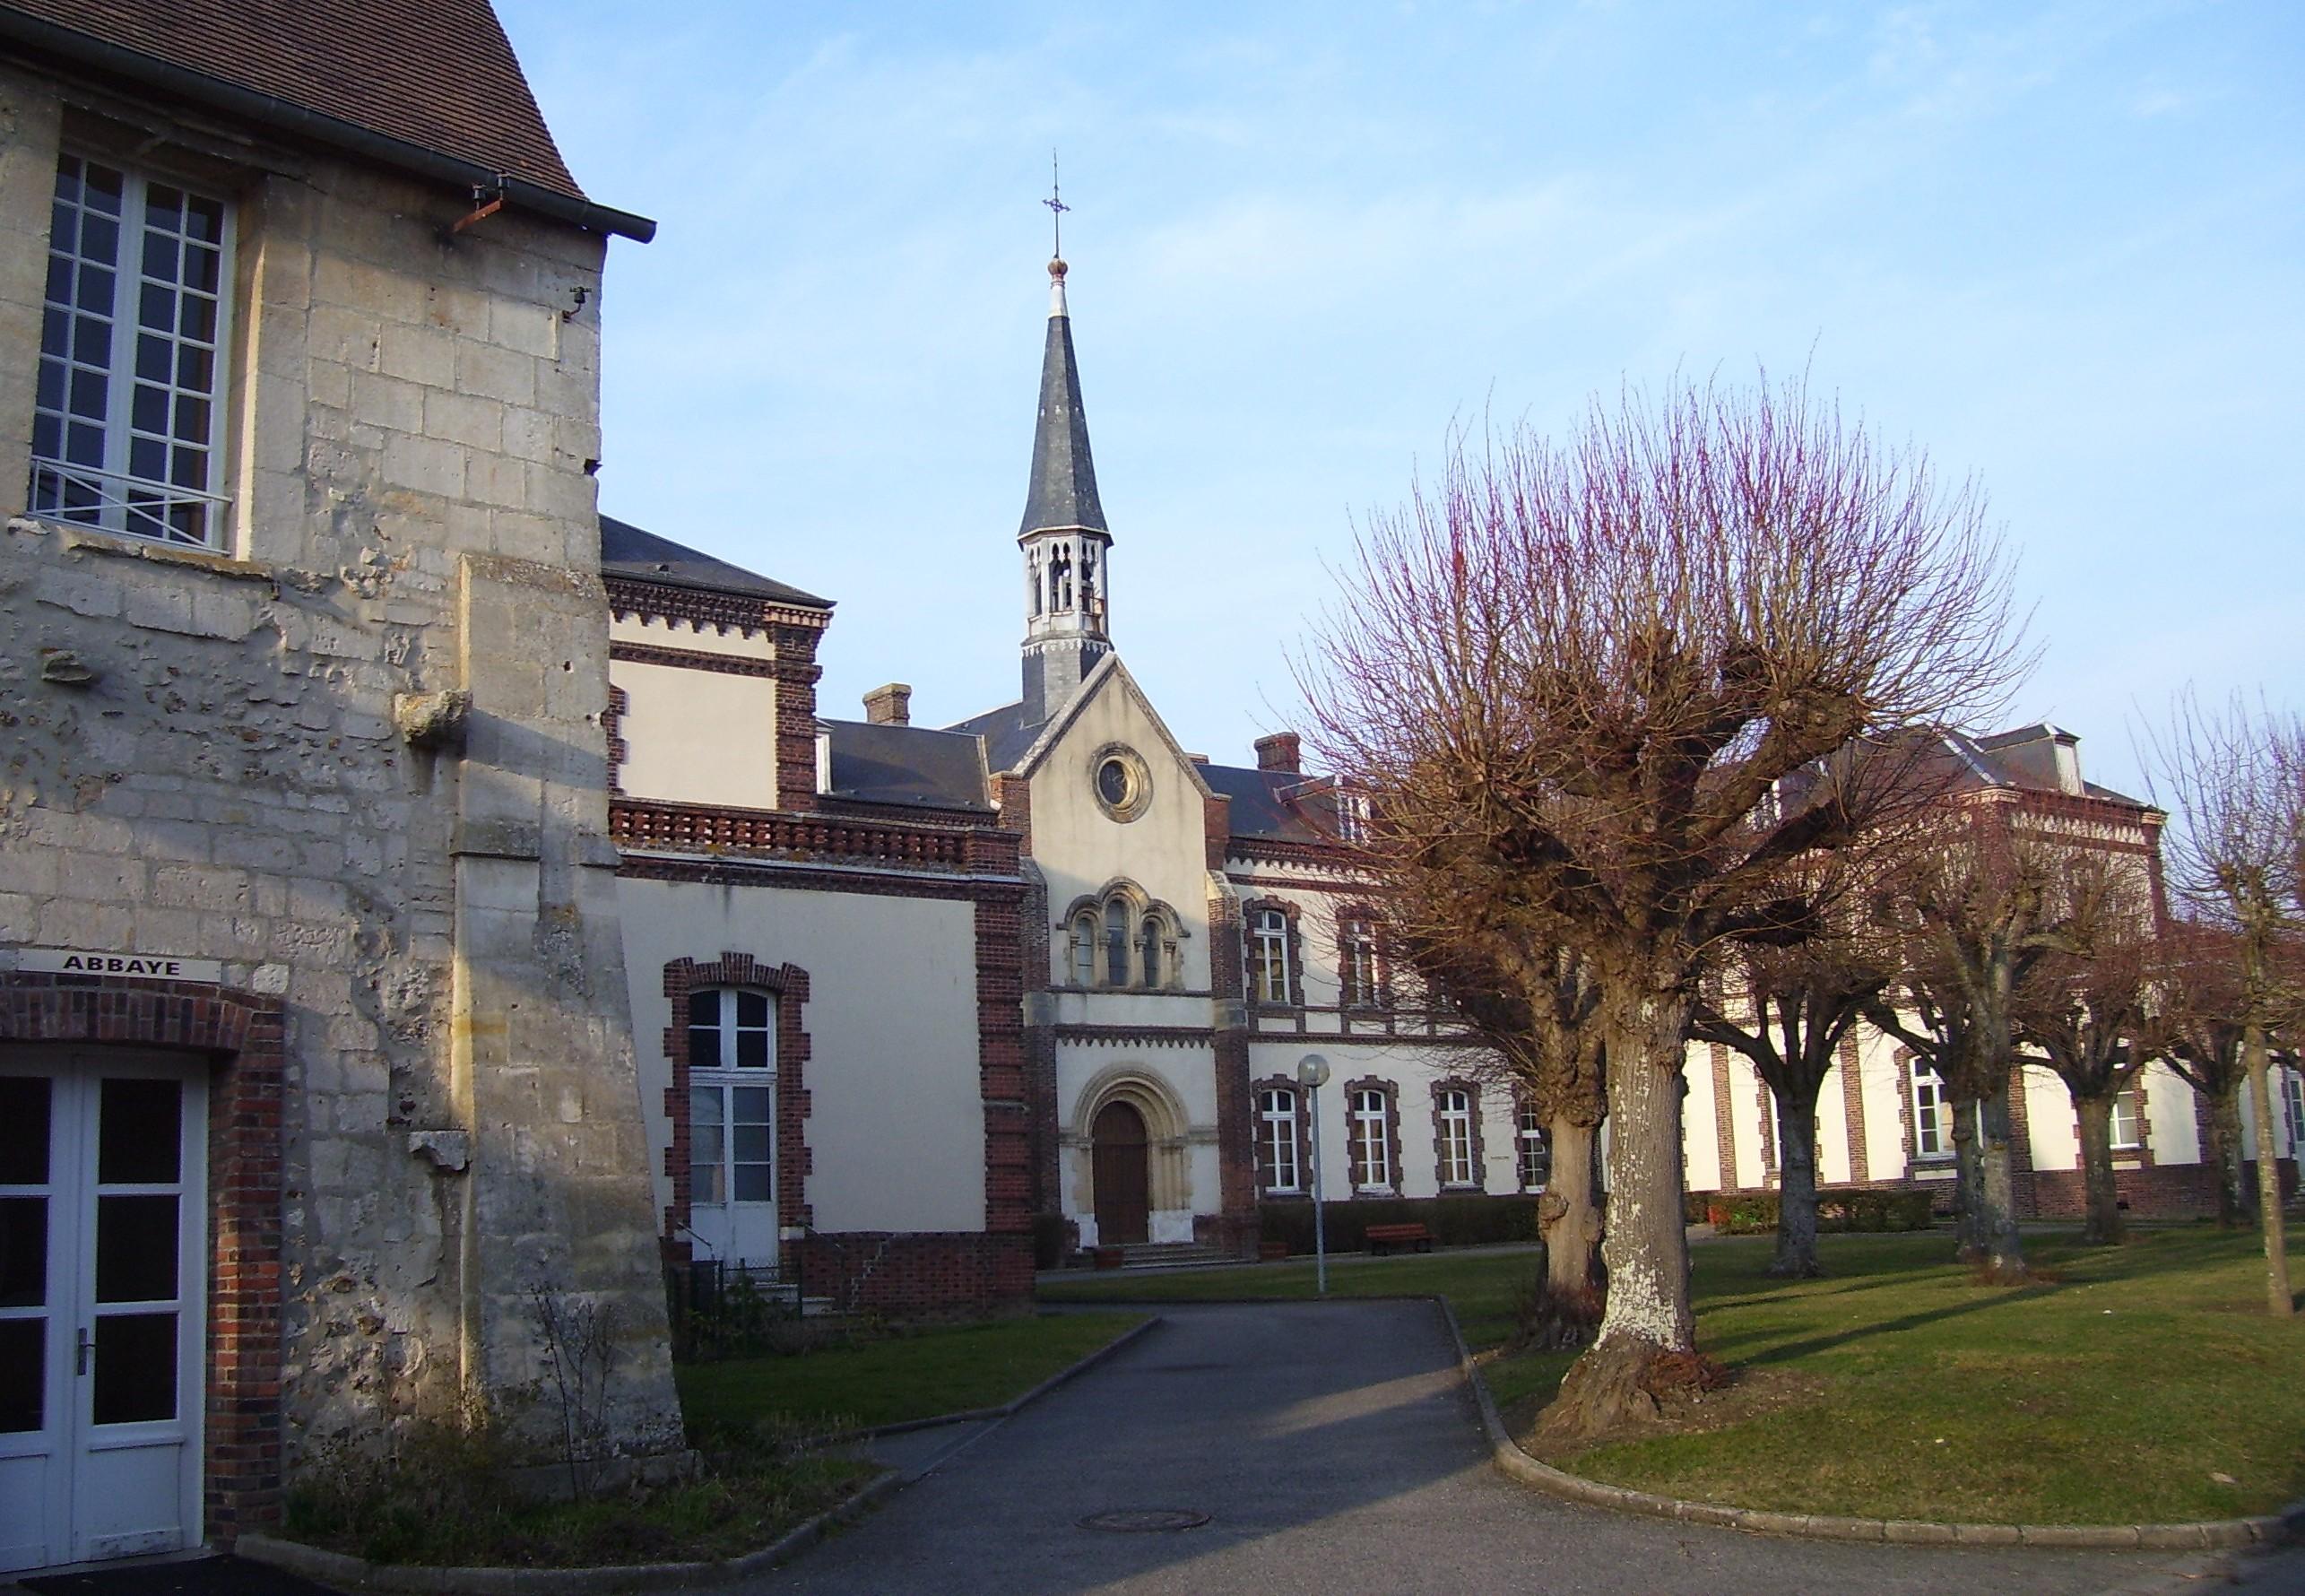 Krankenhaus von Conches, wenn nicht an der einen Seite Abbaye dranstünde würd mans kaum glauben, eigenes Foto, Lizenz: CC by